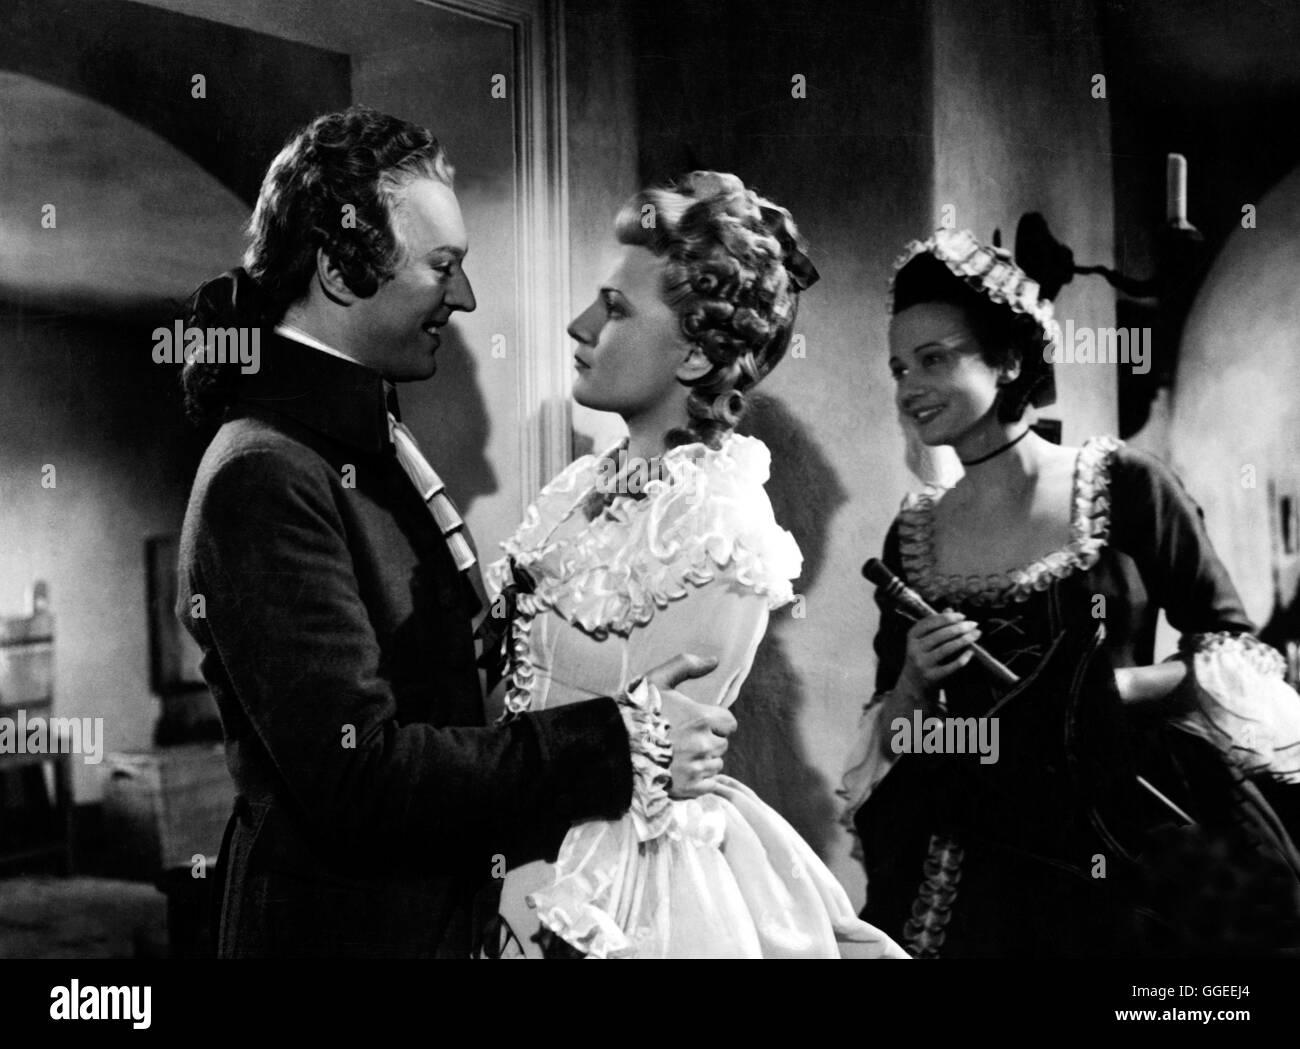 WEN DIE GÖTTER LIEBEN / Deutschland 1942 / Karl Hartl Filmszene mit HANS HOLT (Mozart), IRENE VON MEYENDORFF - Stock Image